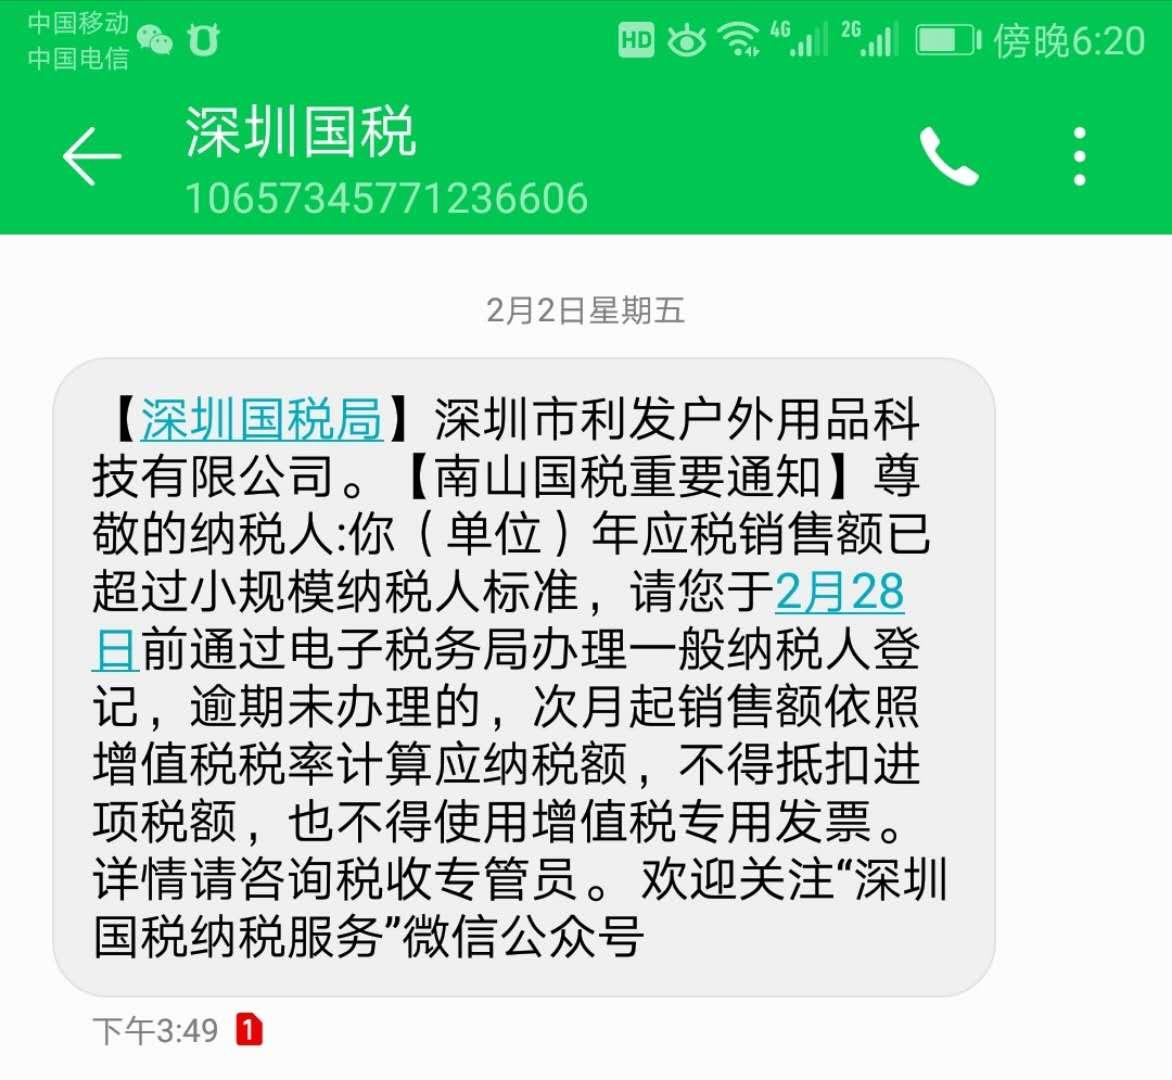 深圳国税通知